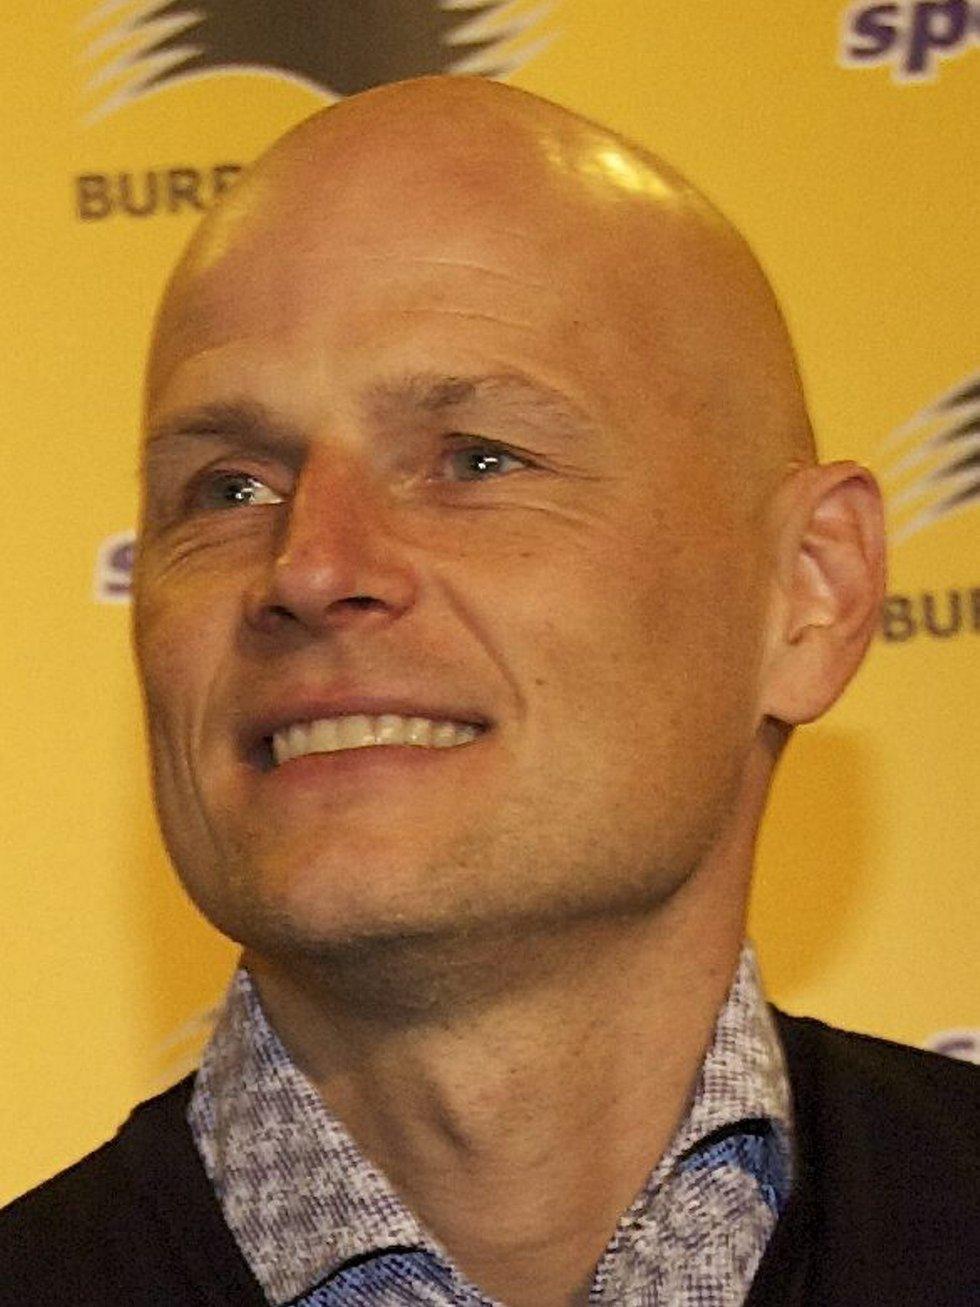 ØNSKER BJÖRN: Ståle Solbakken ønsker å hente Björn Bergmann Sigurdarson fra LSK.